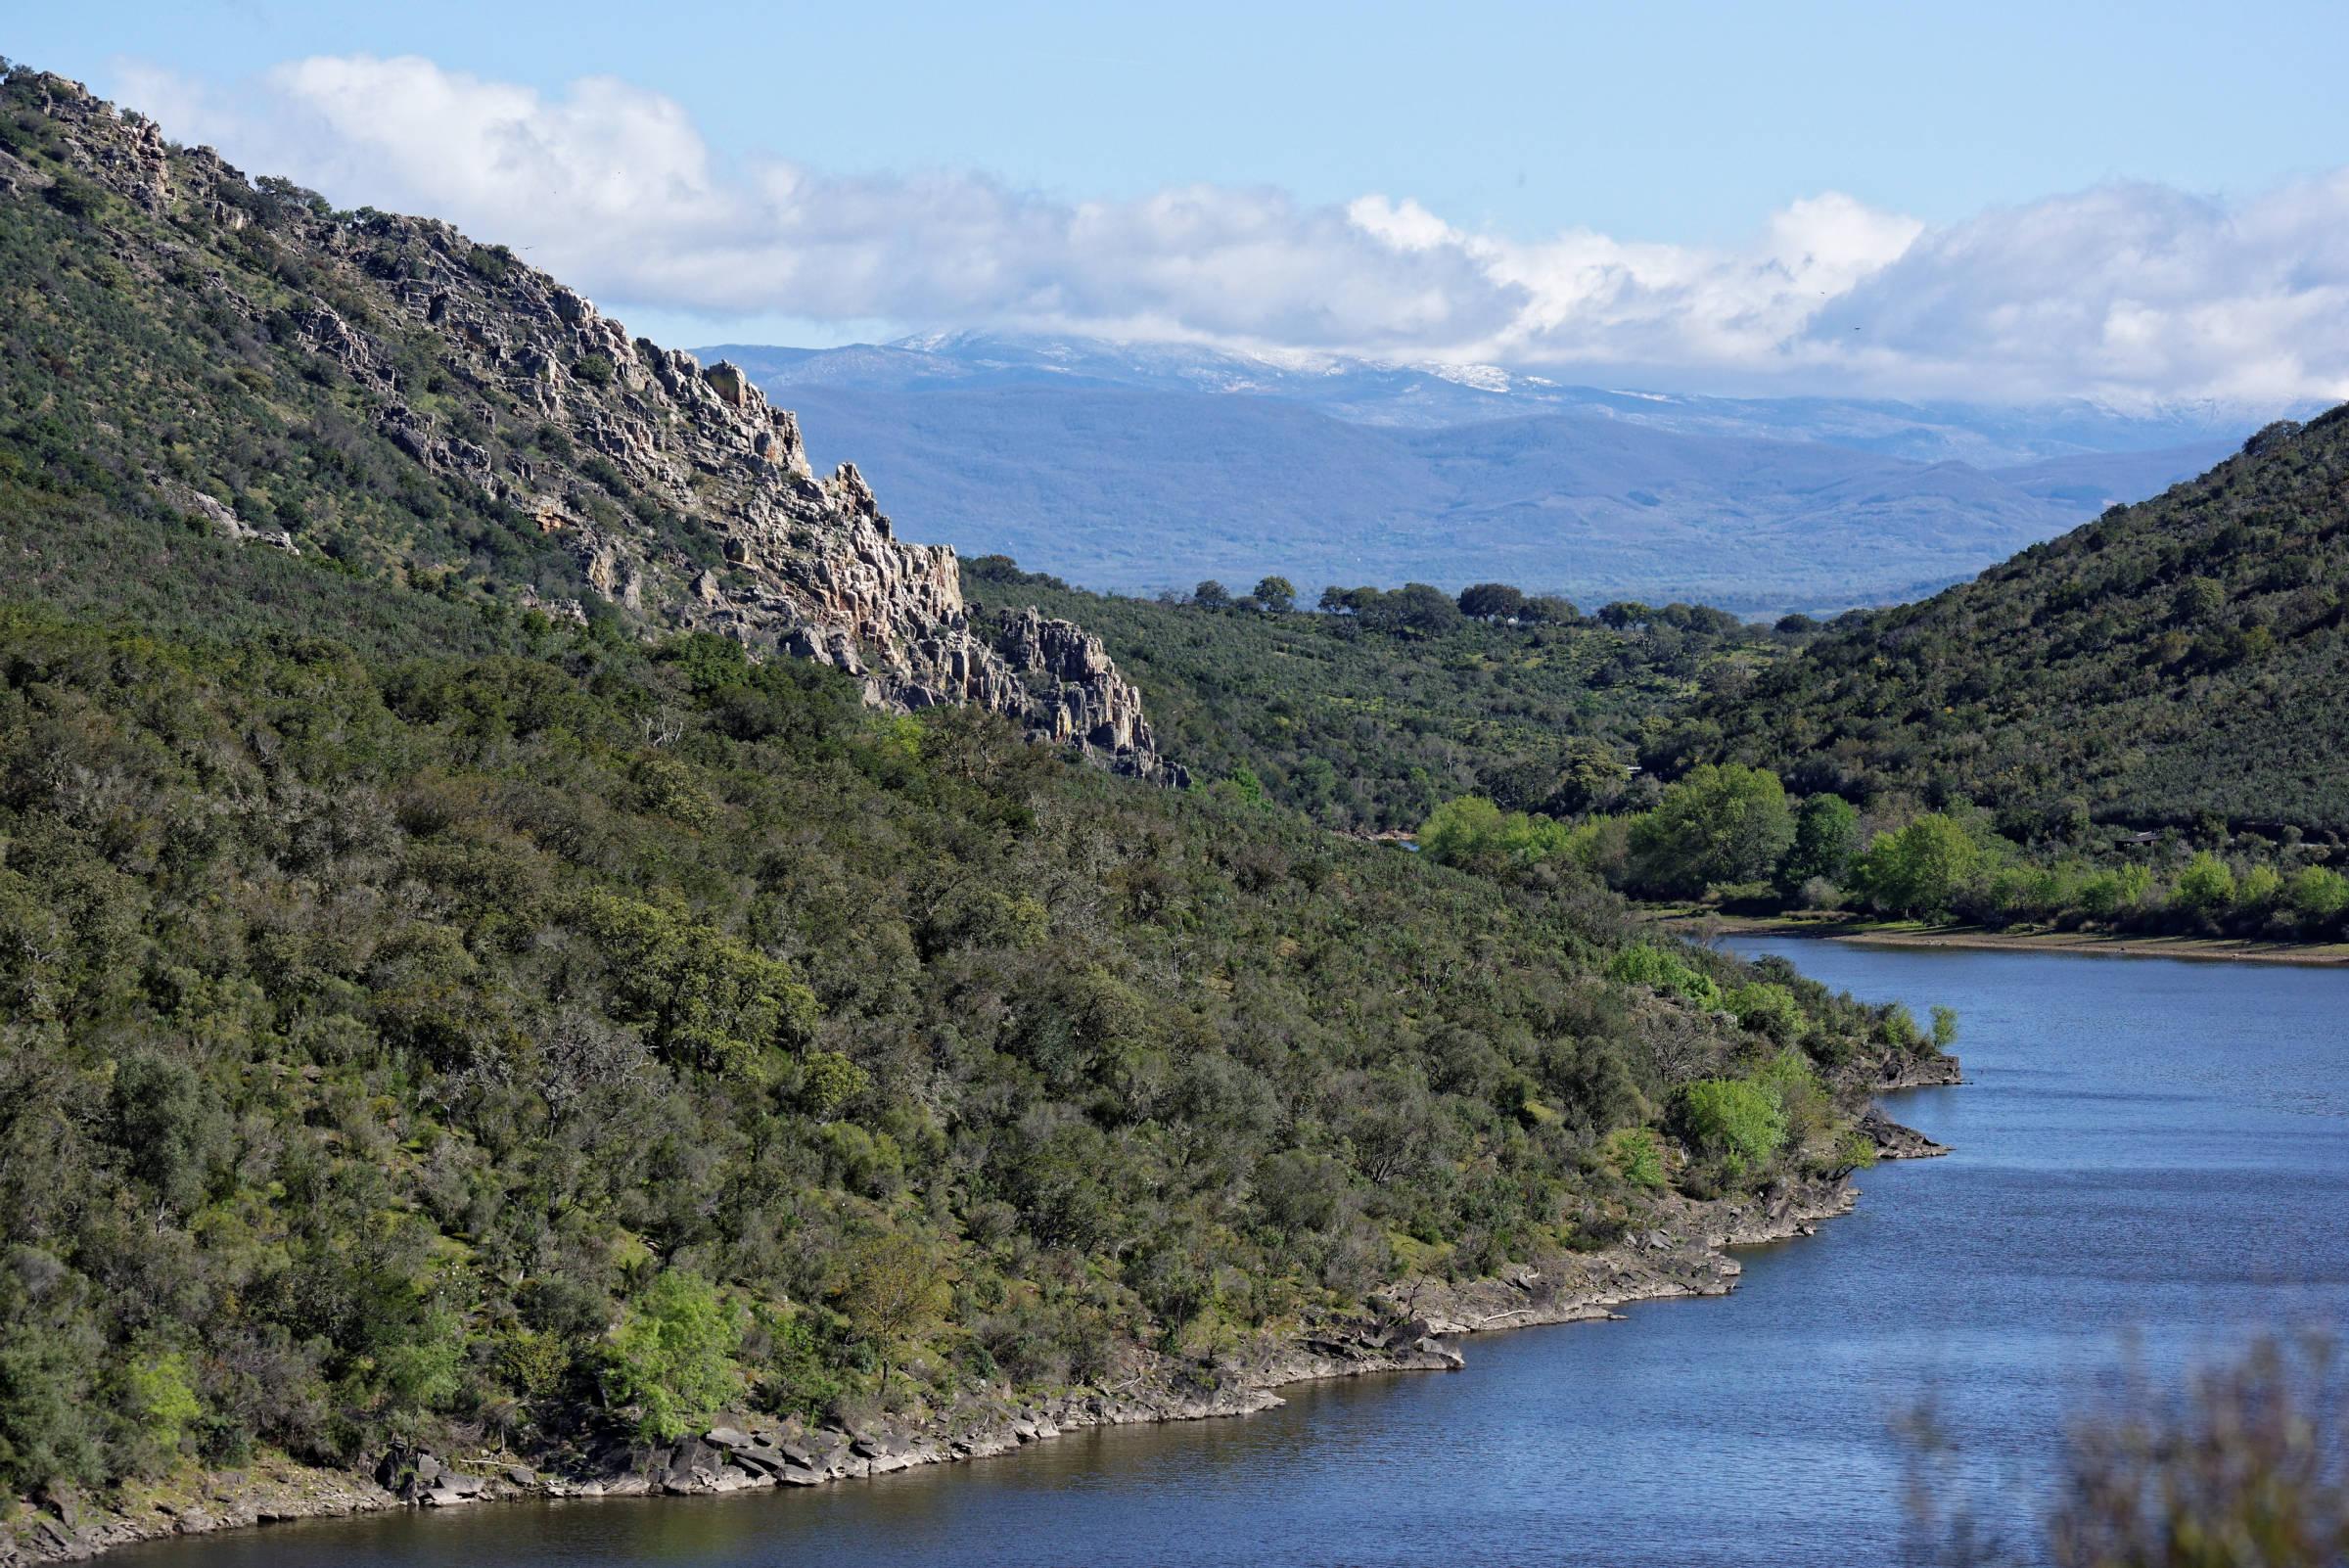 160405-parc national de monfrague (Estremadure) (131)